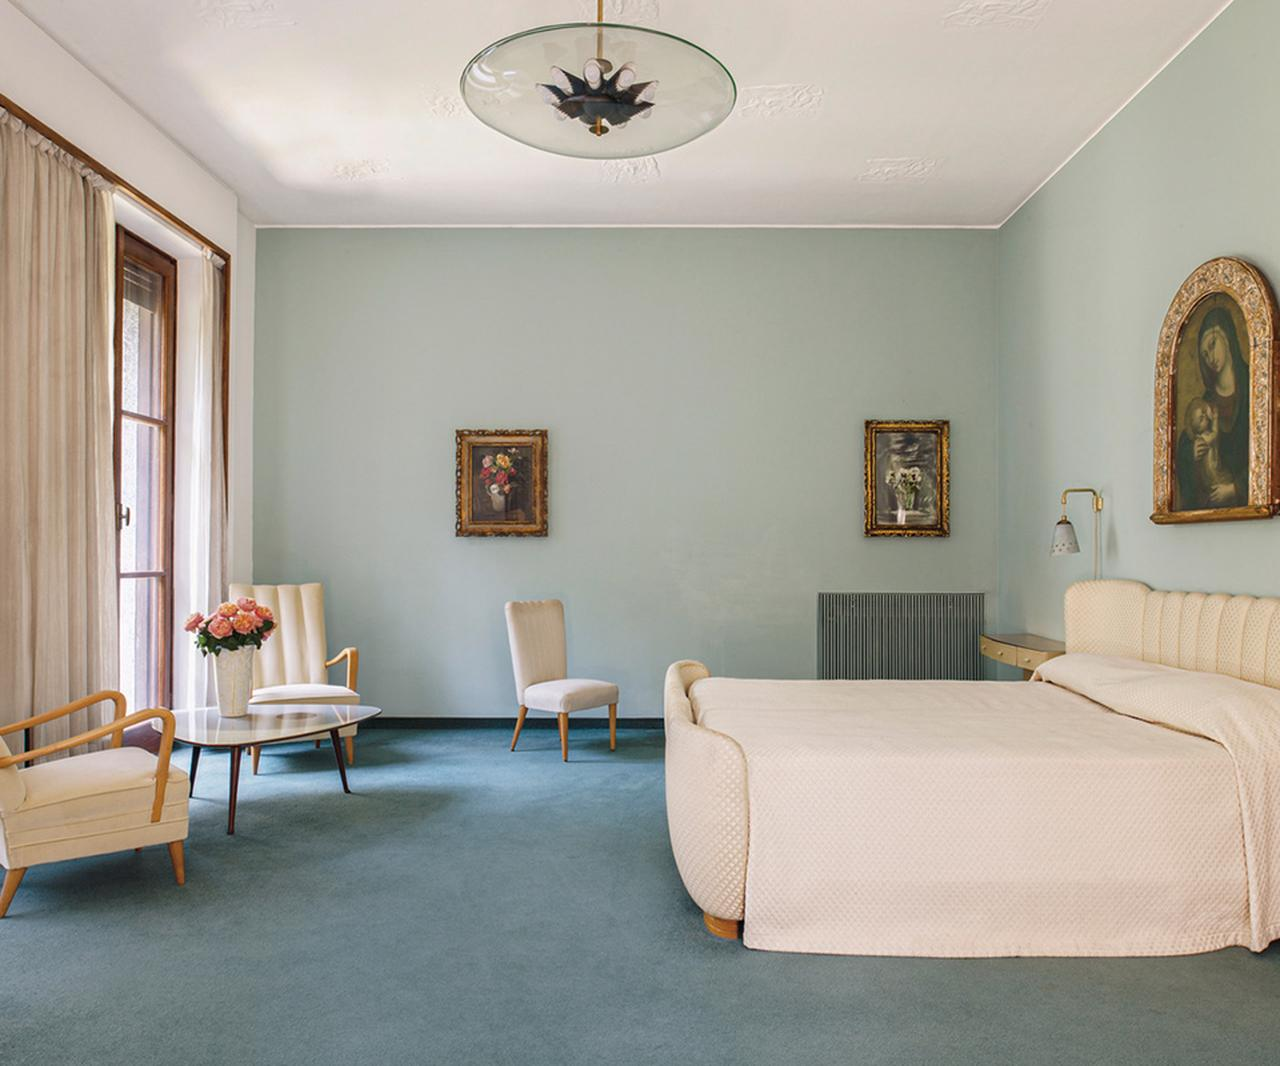 Images : 9番目の画像 - 「ボルサーニ家の邸宅に見る イタリア・モダニズムの軌跡」のアルバム - T JAPAN:The New York Times Style Magazine 公式サイト